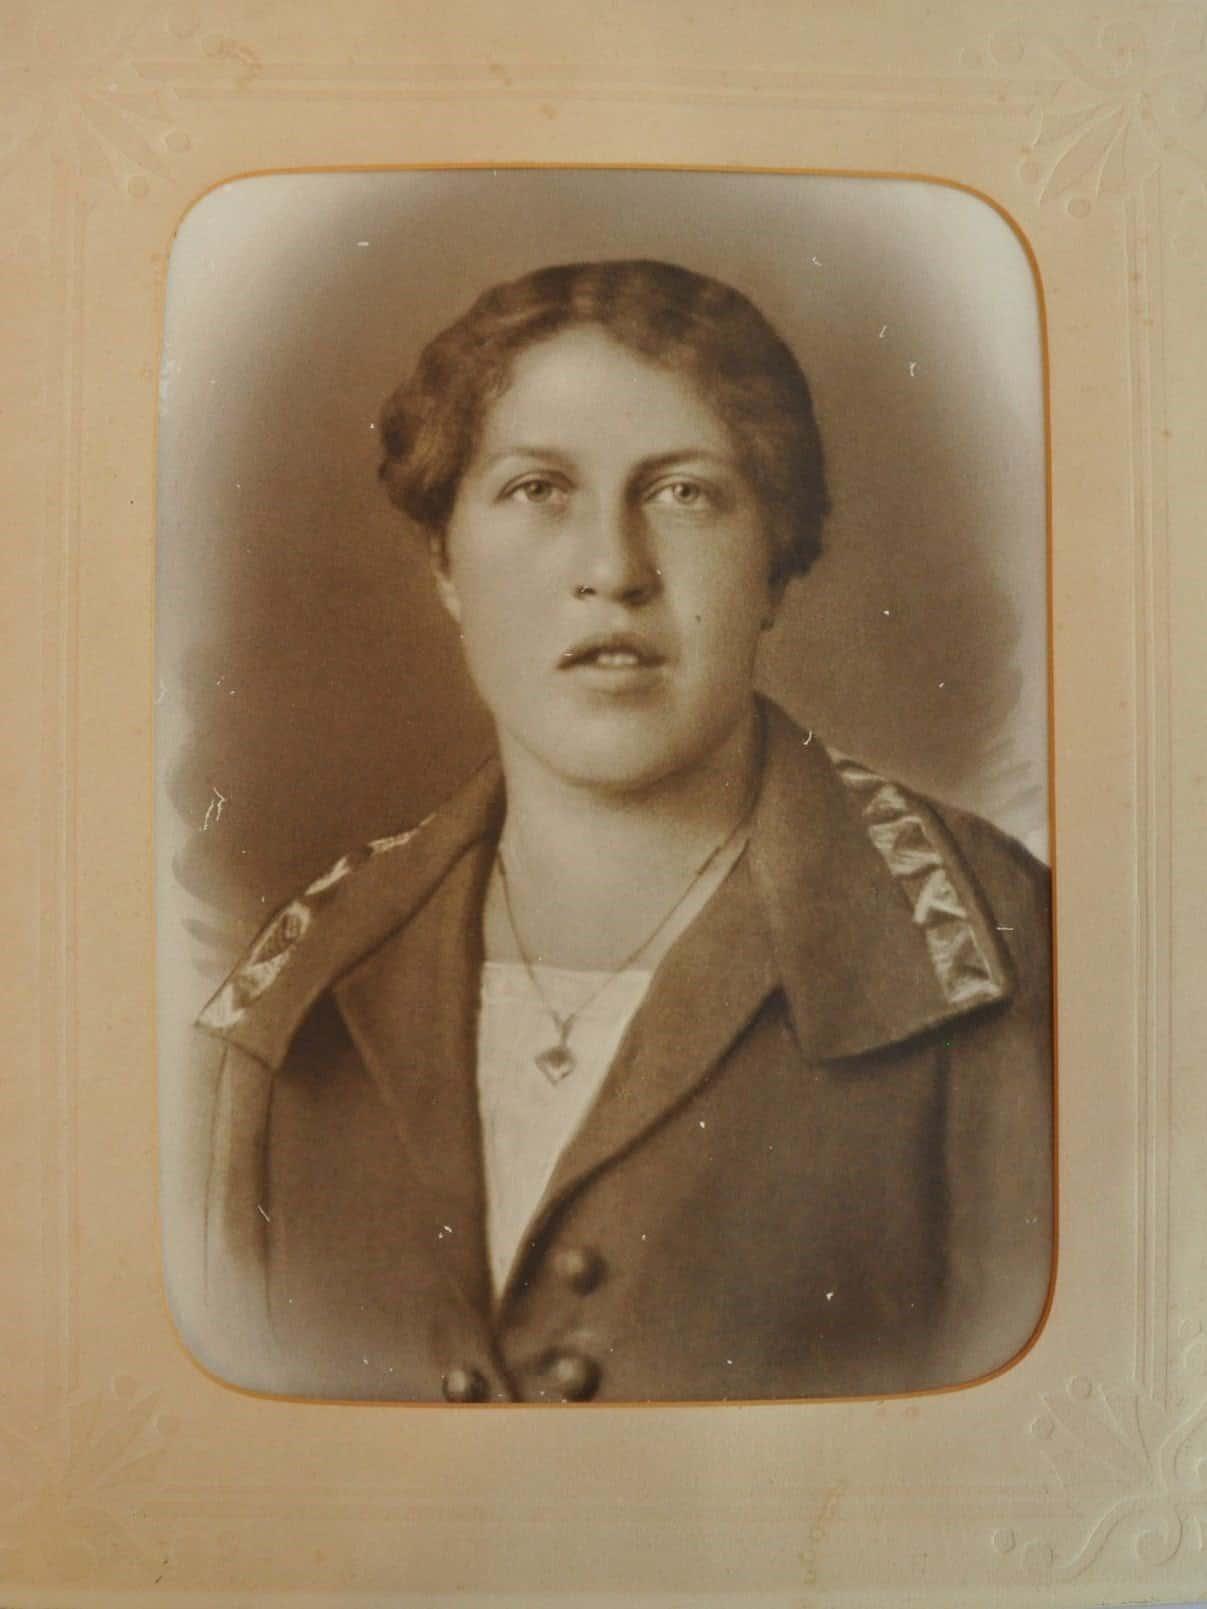 Rosa Kerschhaggl